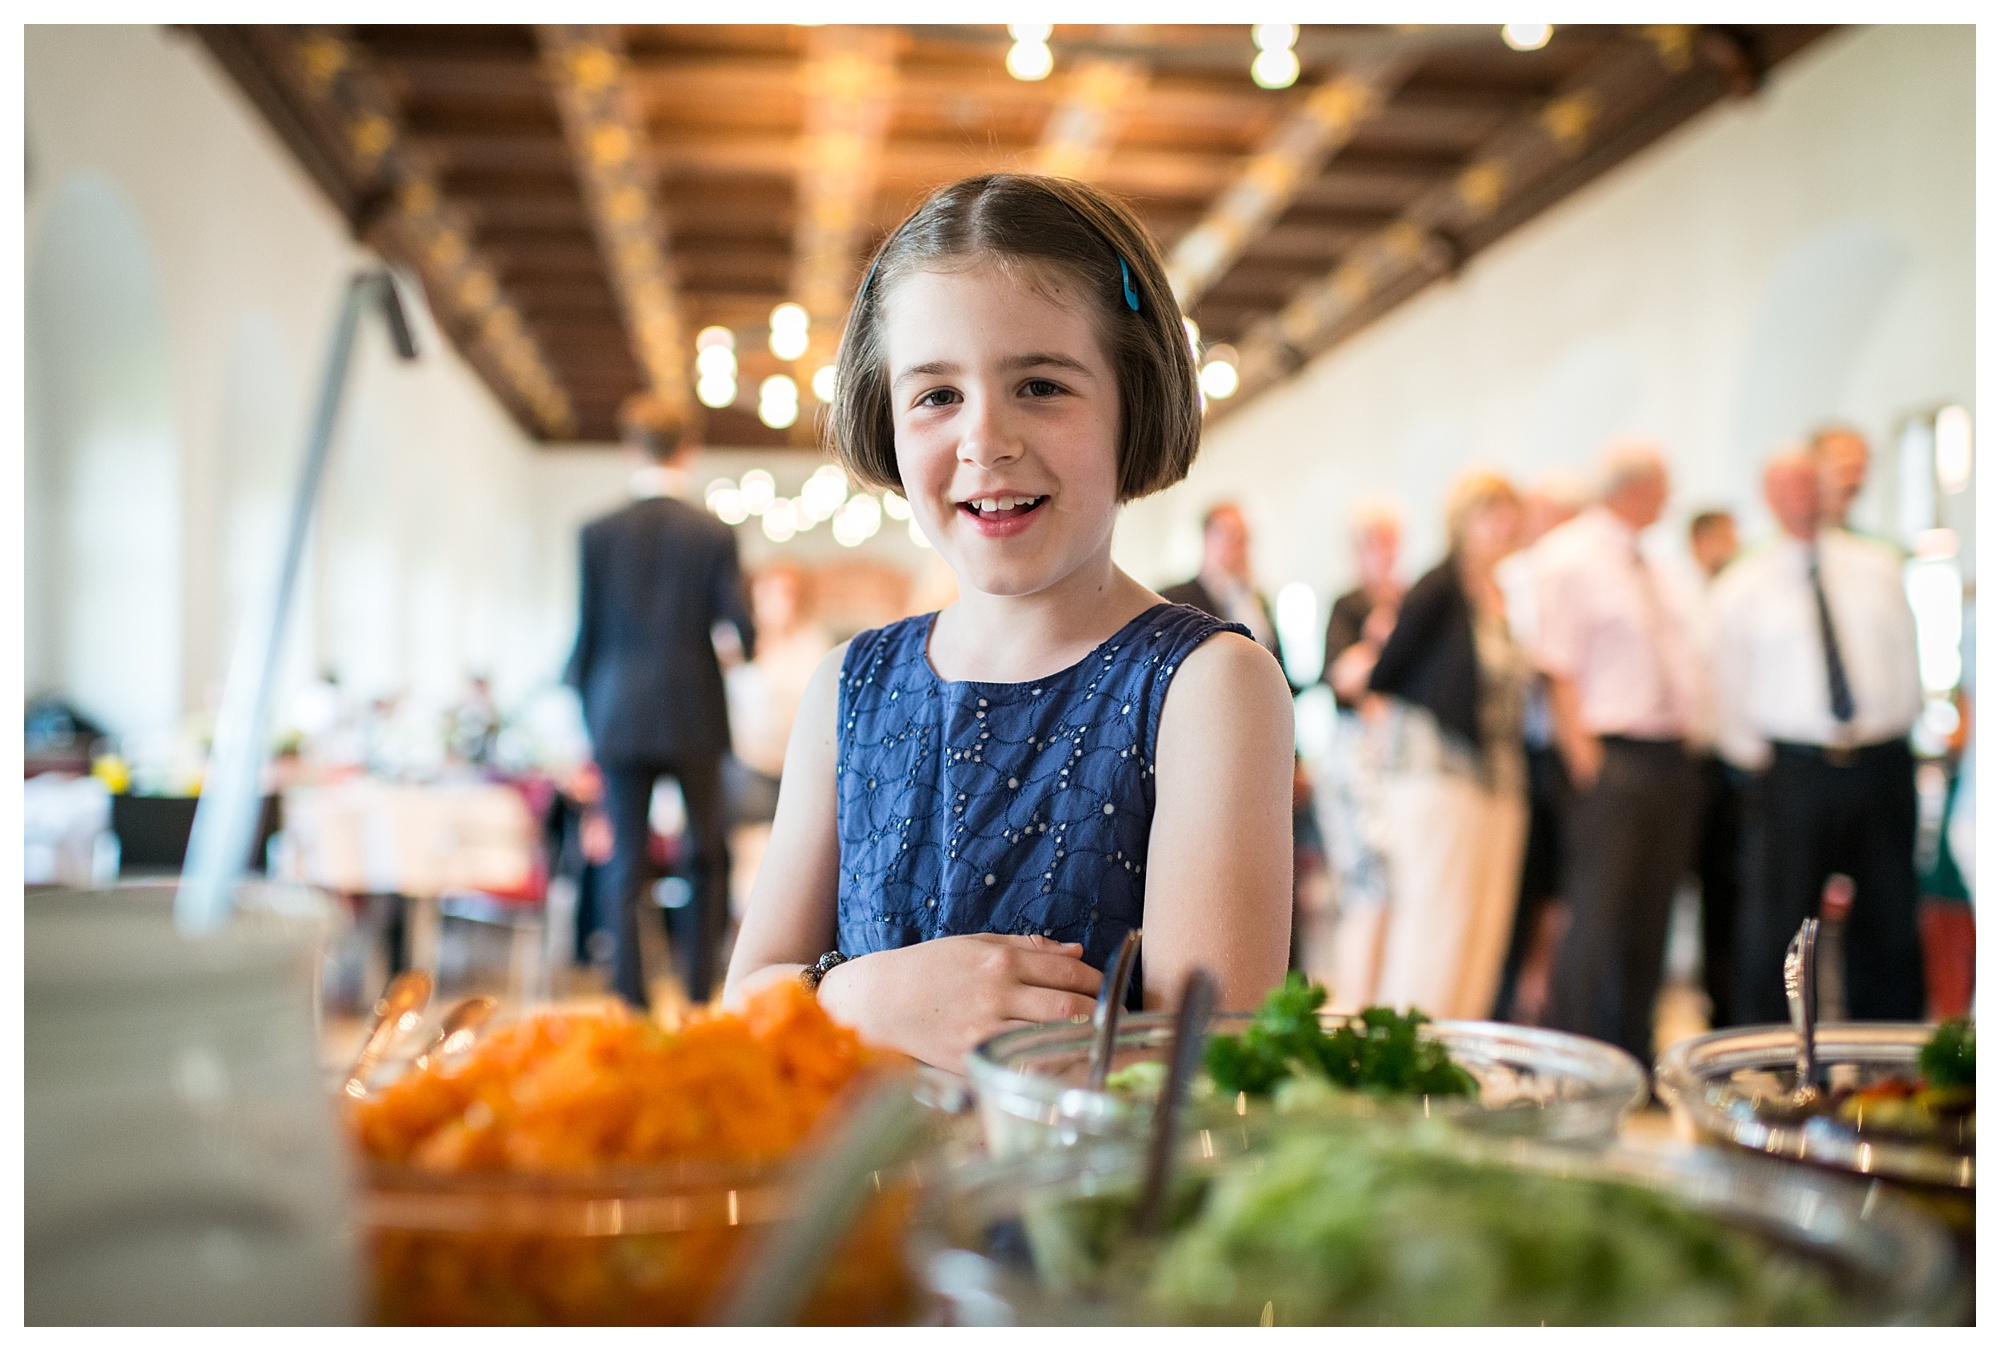 Fotograf Konstanz - Hochzeit Tanja Elmar Elmar Feuerbacher Photography Konstanz Messkirch Highlights 094 - Hochzeitsreportage von Tanja und Elmar im Schloss Meßkirch  - 195 -